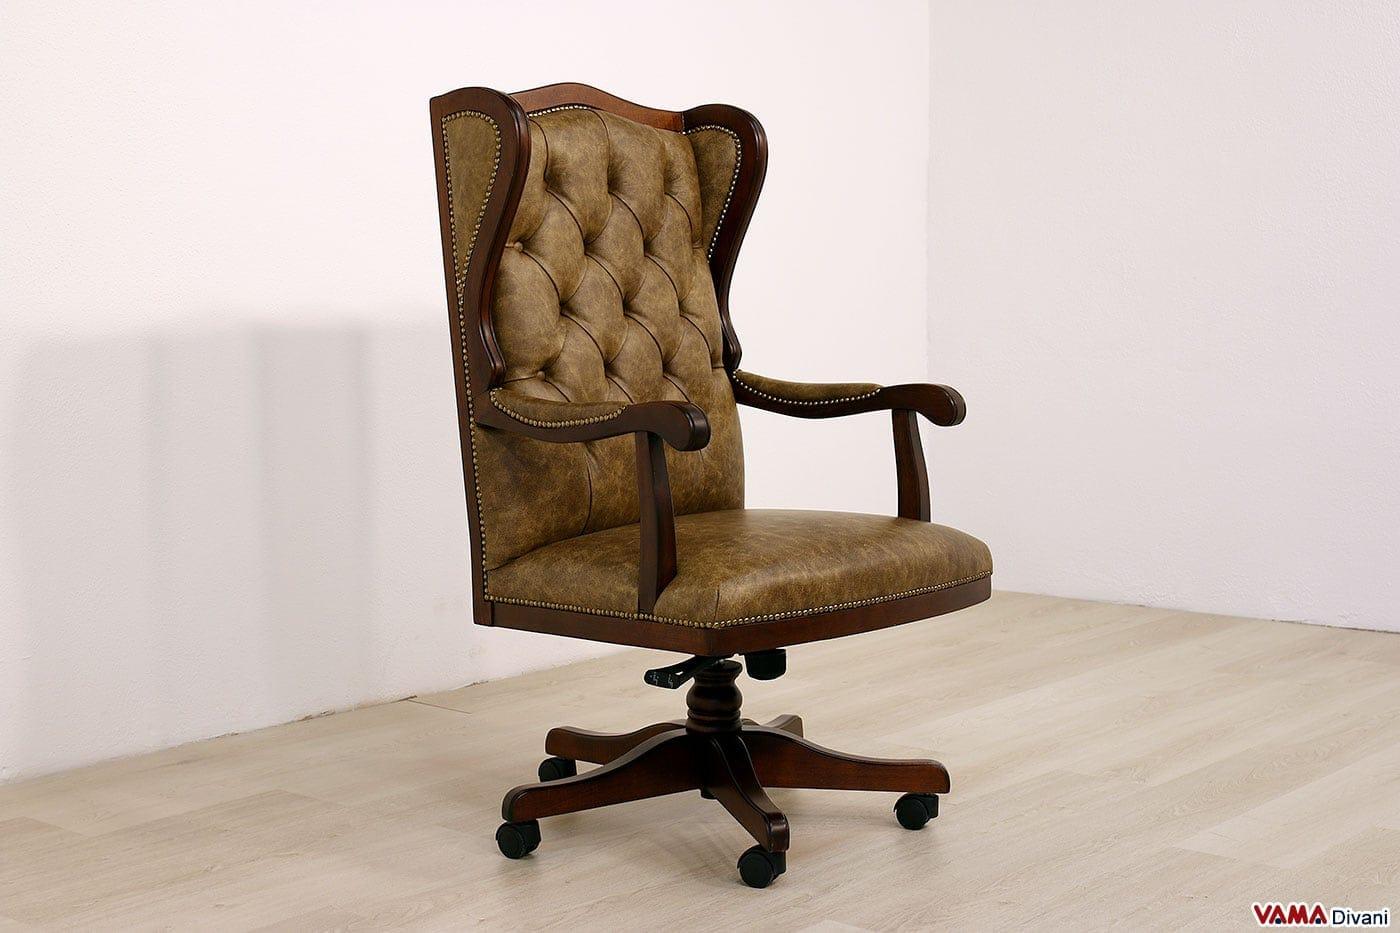 Poltrona da ufficio classica in vera pelle di design vintage - Poggiapiedi da ufficio ...